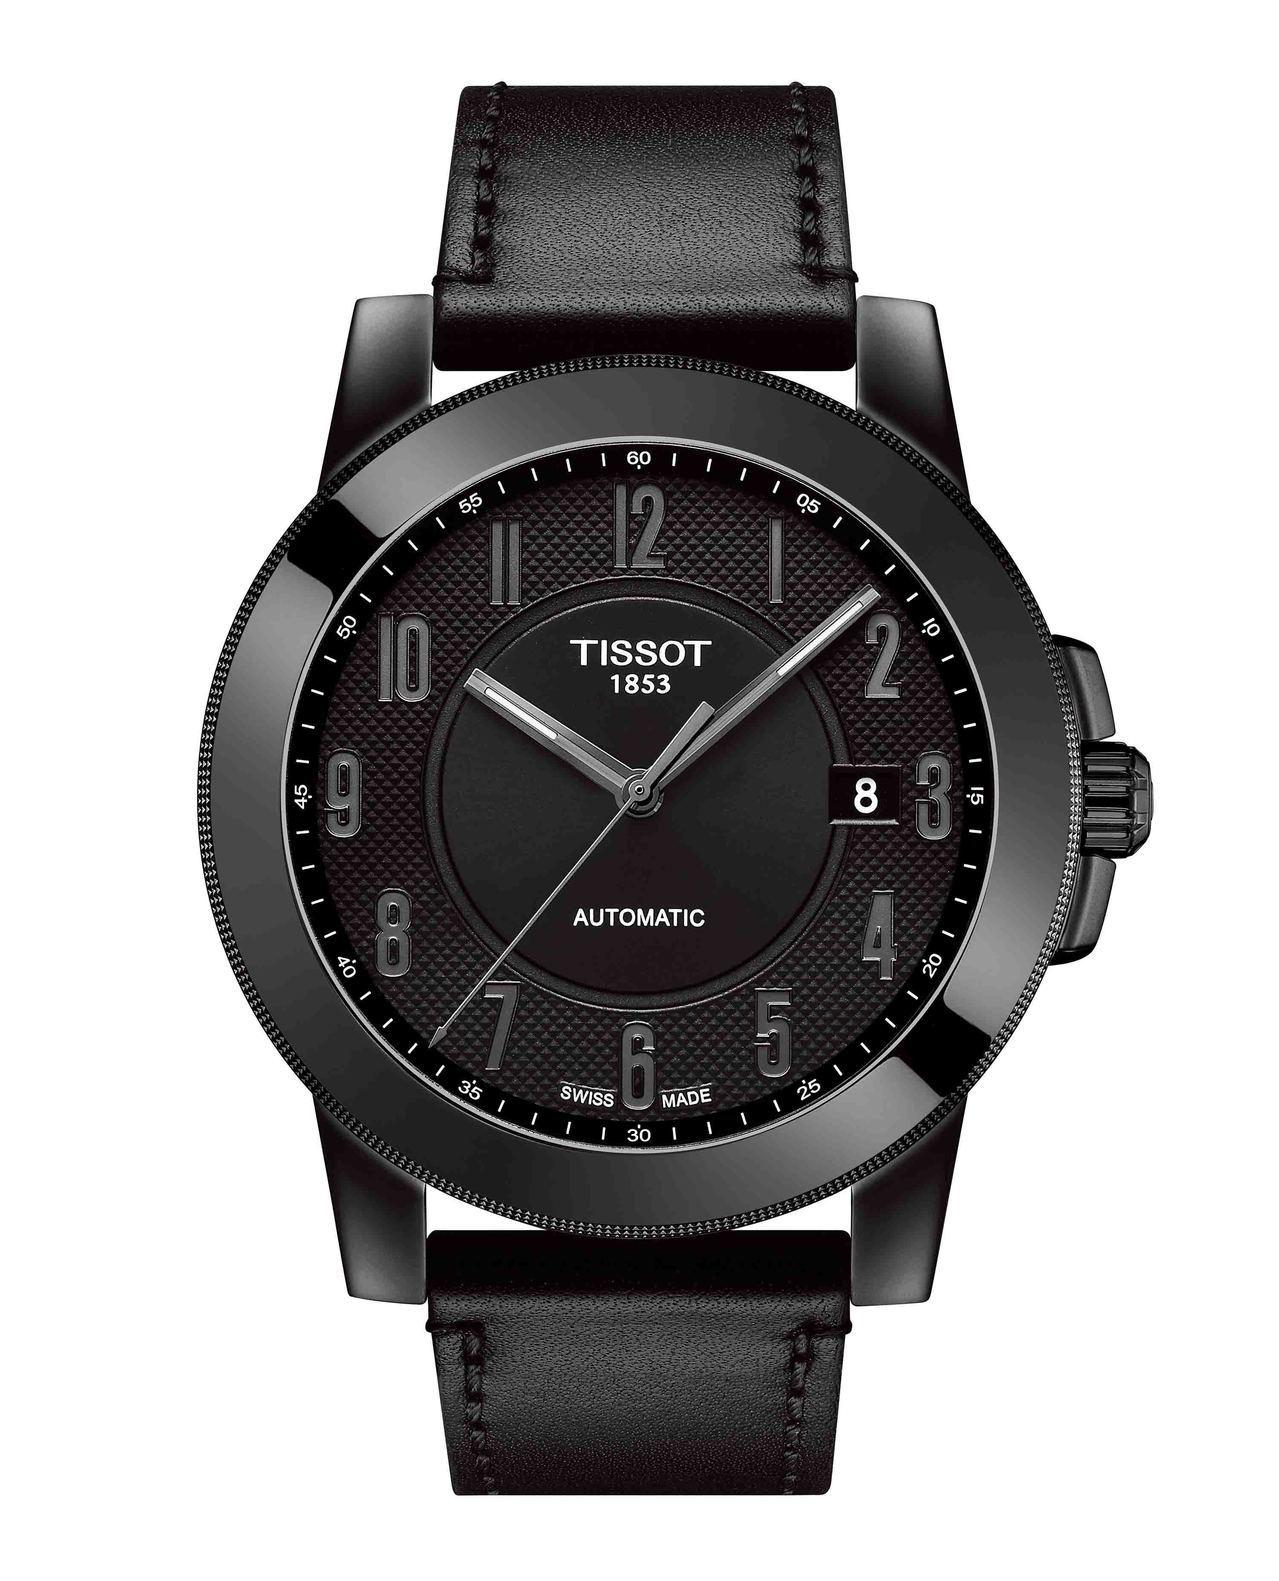 天梭Gentleman紳士系列腕表,搭載Swissmatic自動上鍊機芯,黑色P...